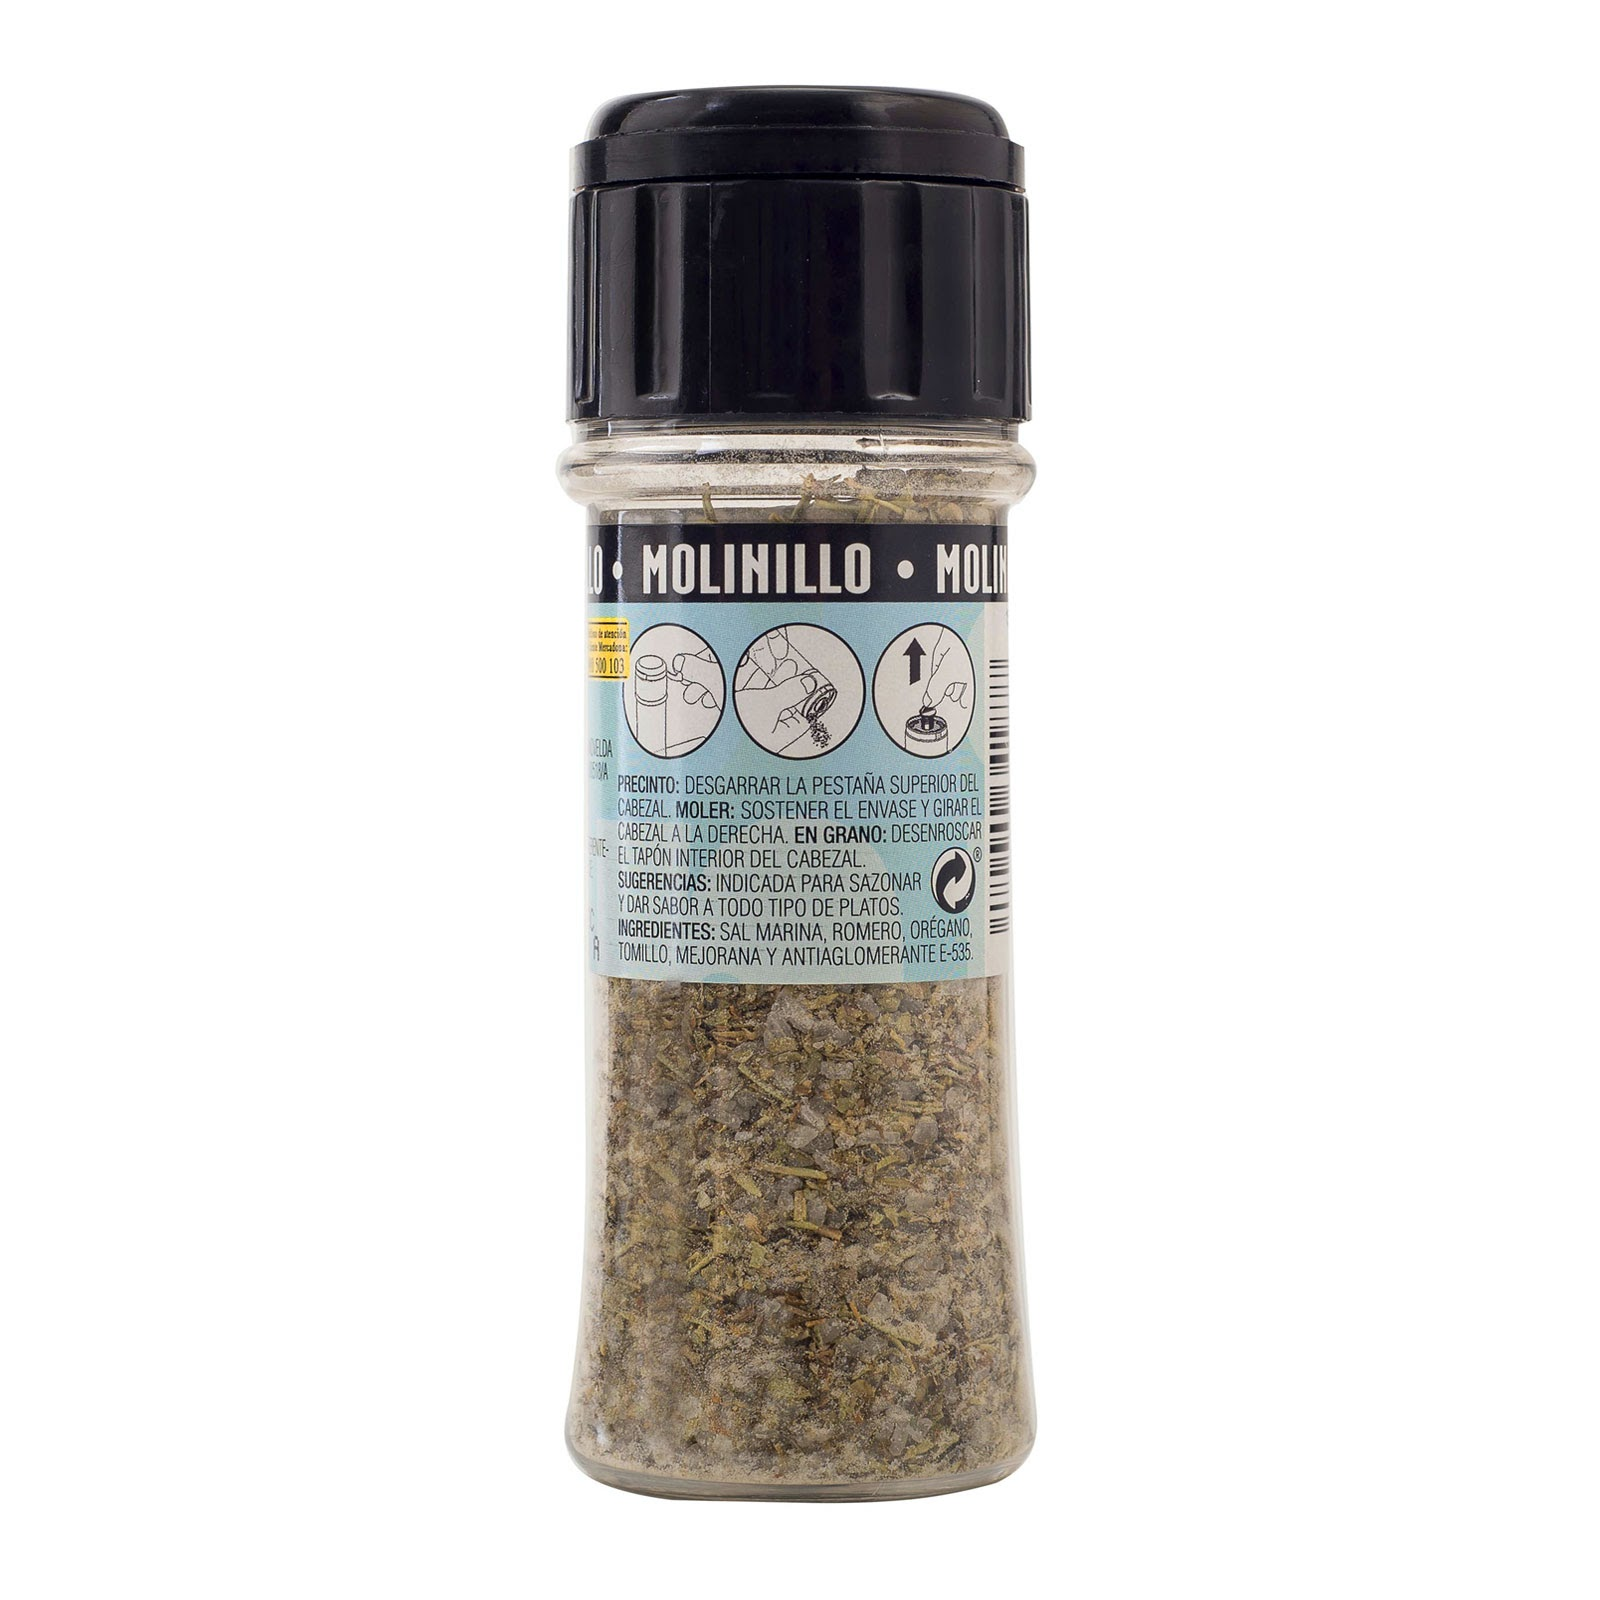 Molinillo de sal marina con hierbas Hacendado